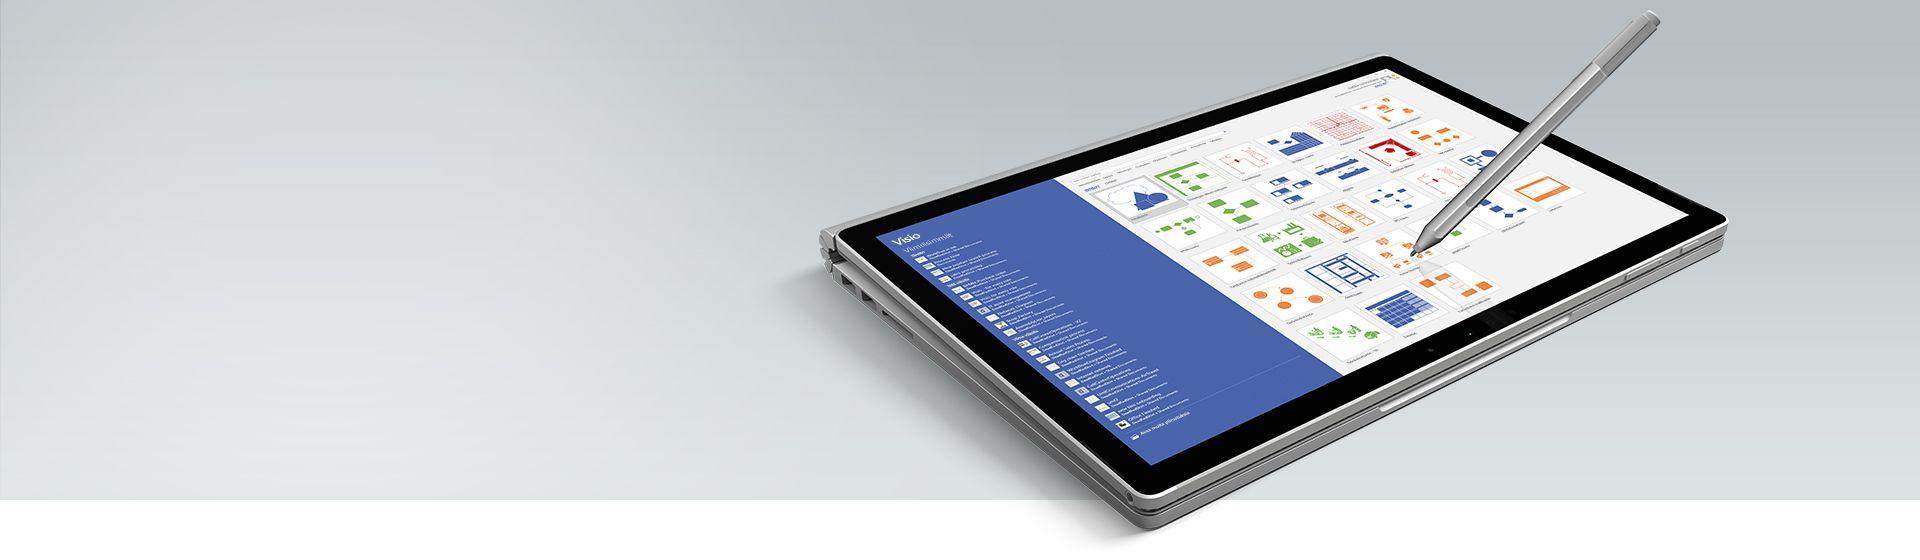 Microsoft Surface -tabletti, jossa näkyy Vision käytettävissä olevat mallit ja viimeisimpien tiedostojen luettelo